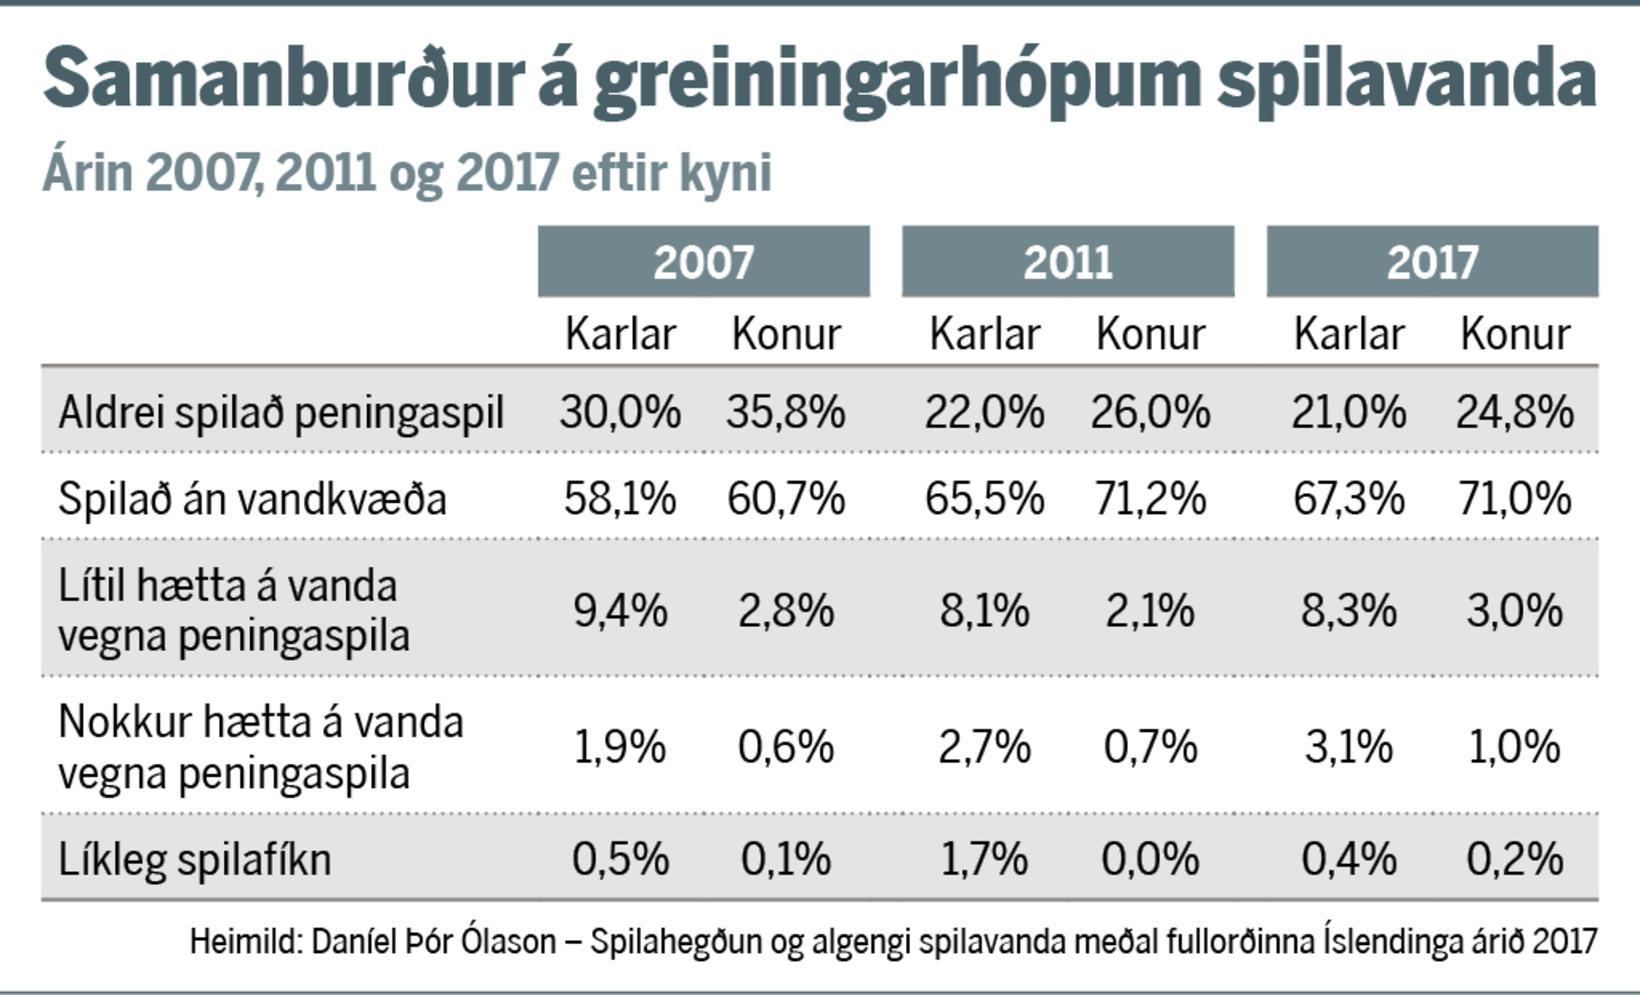 Þeim sem aldrei hafa spilað peningaspil hefur fækkað undanfarin ár.